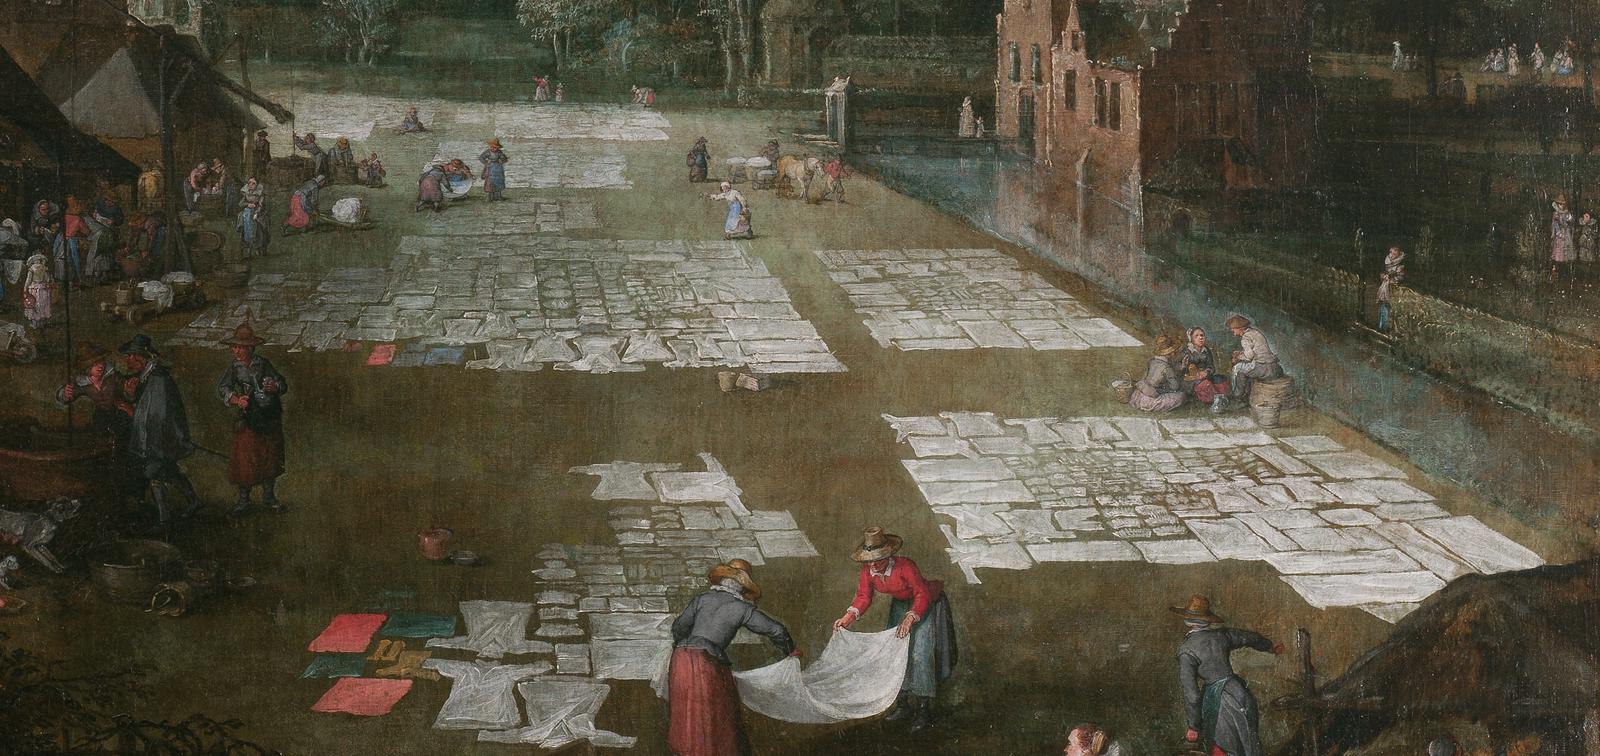 Rubens, Brueghel, Lorena. El paisaje nórdico en el Prado